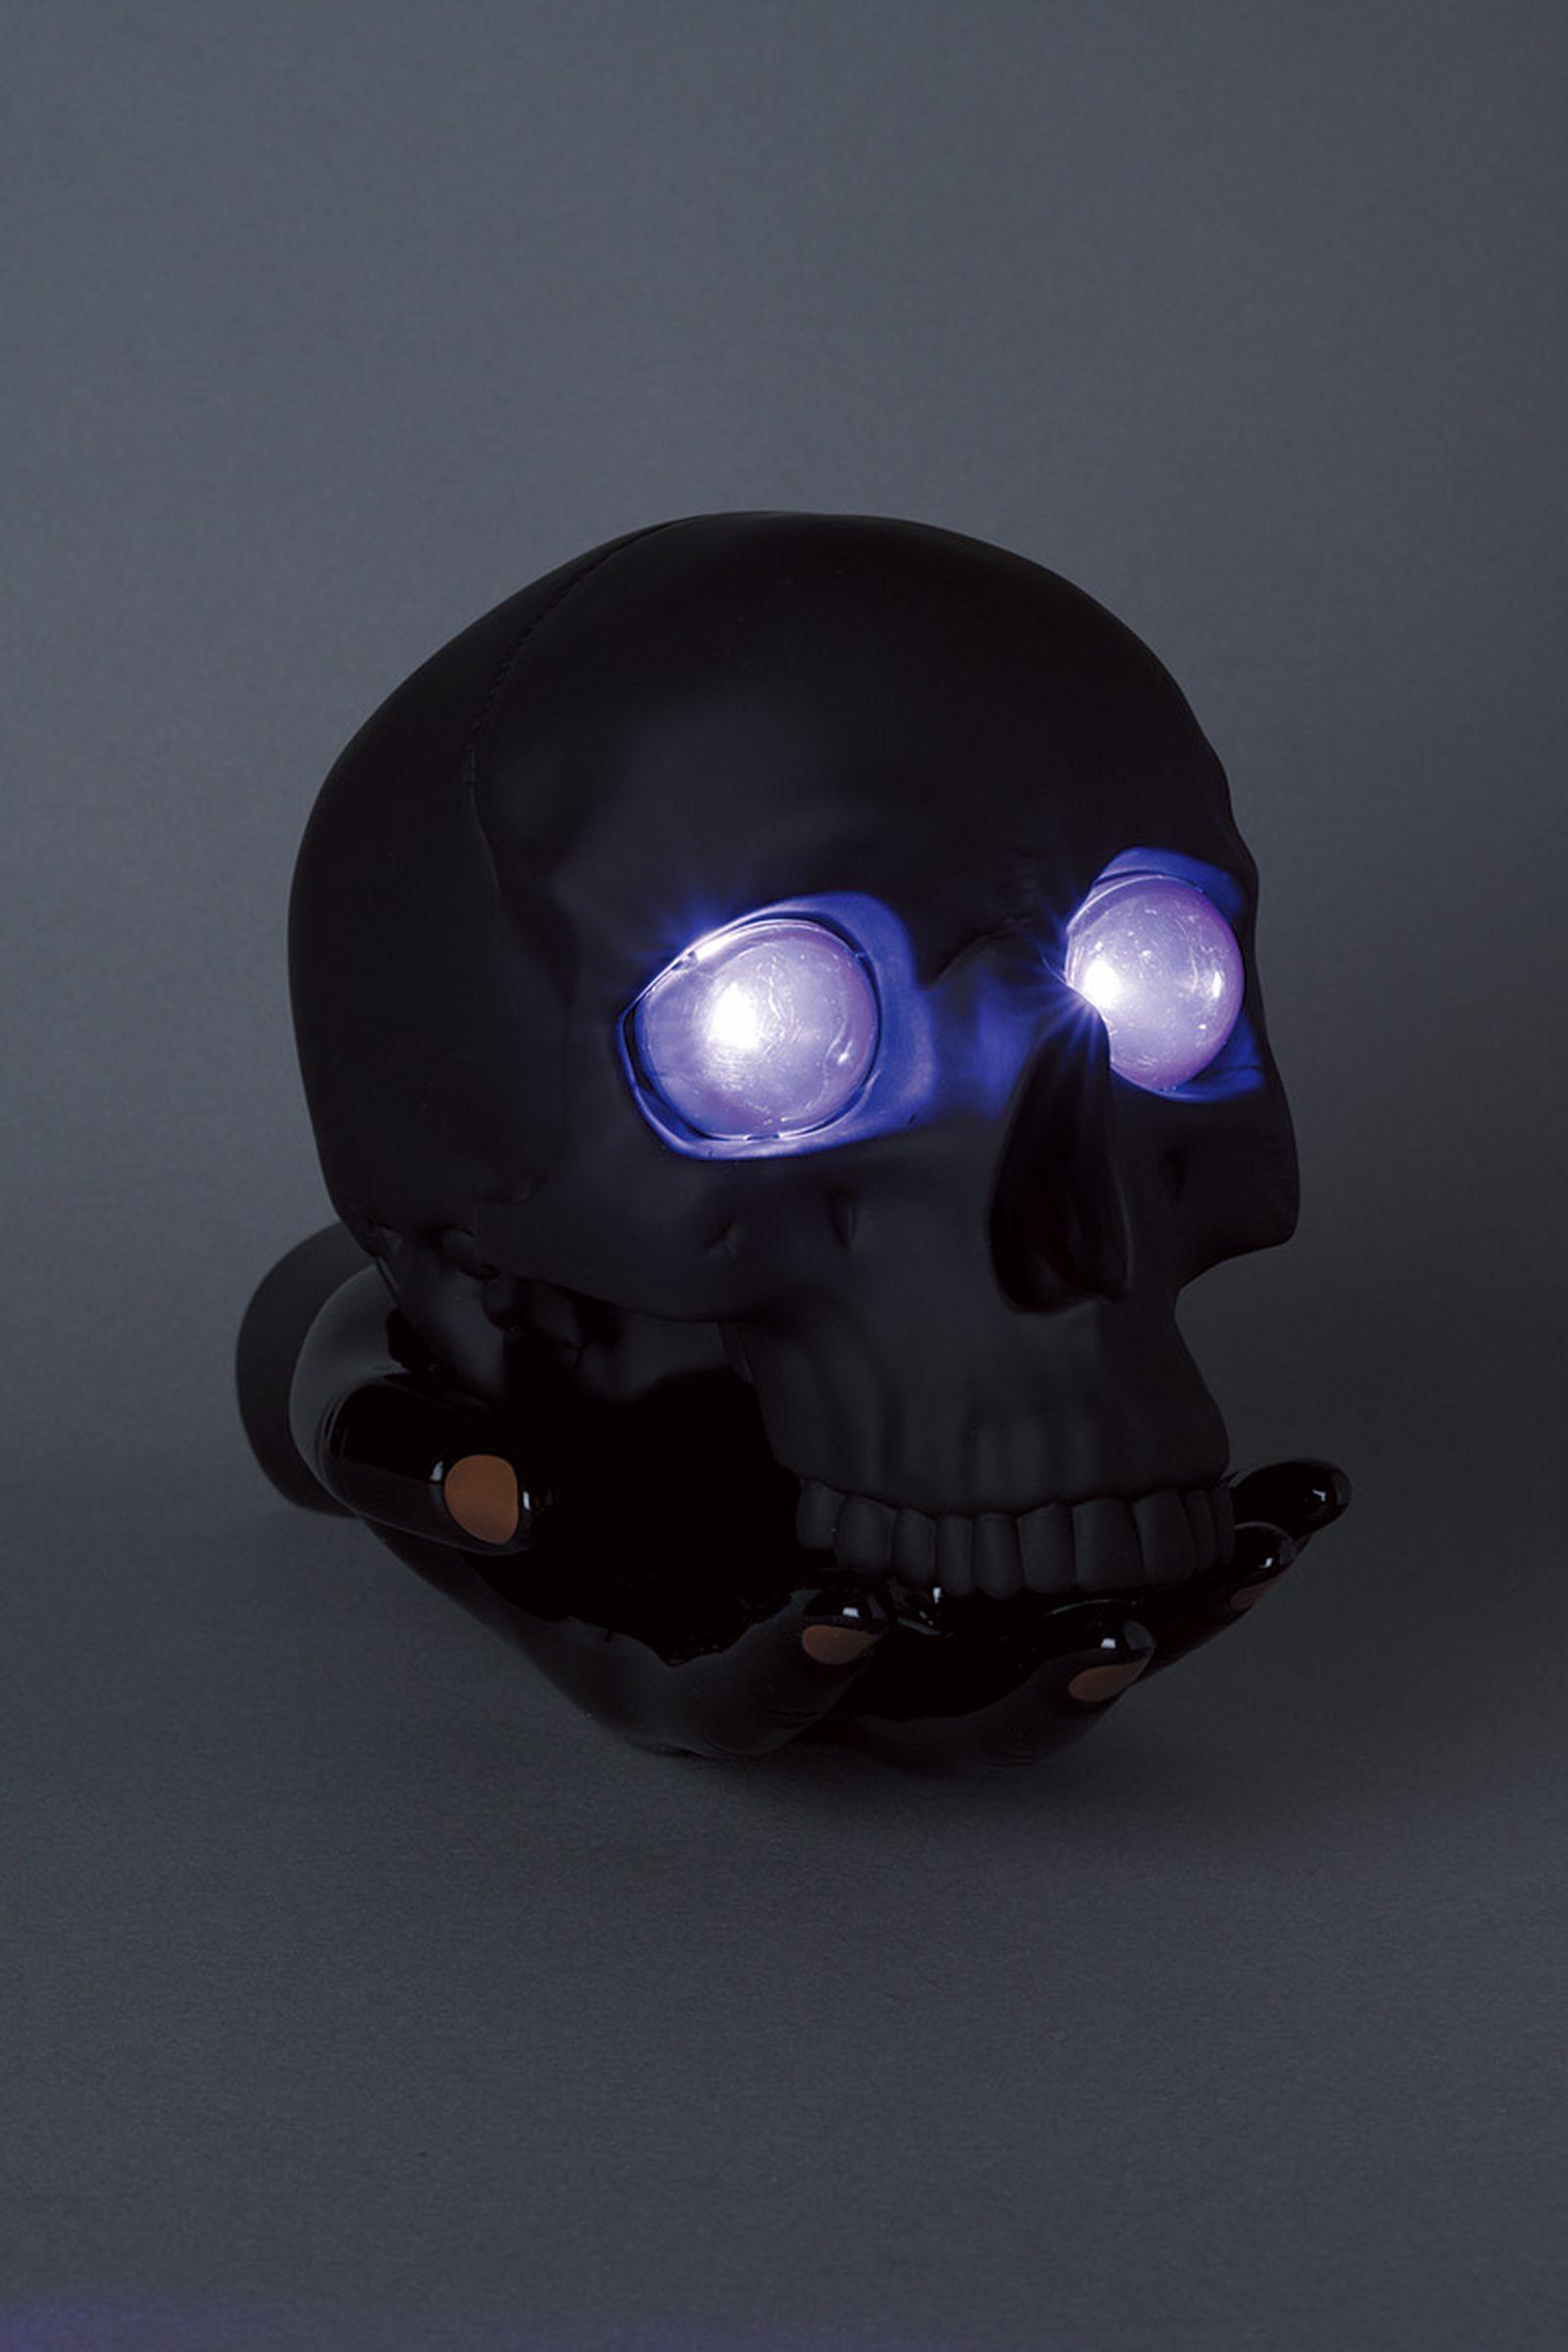 undercover-p-m-usher-spooky-season-skull-lamp-02